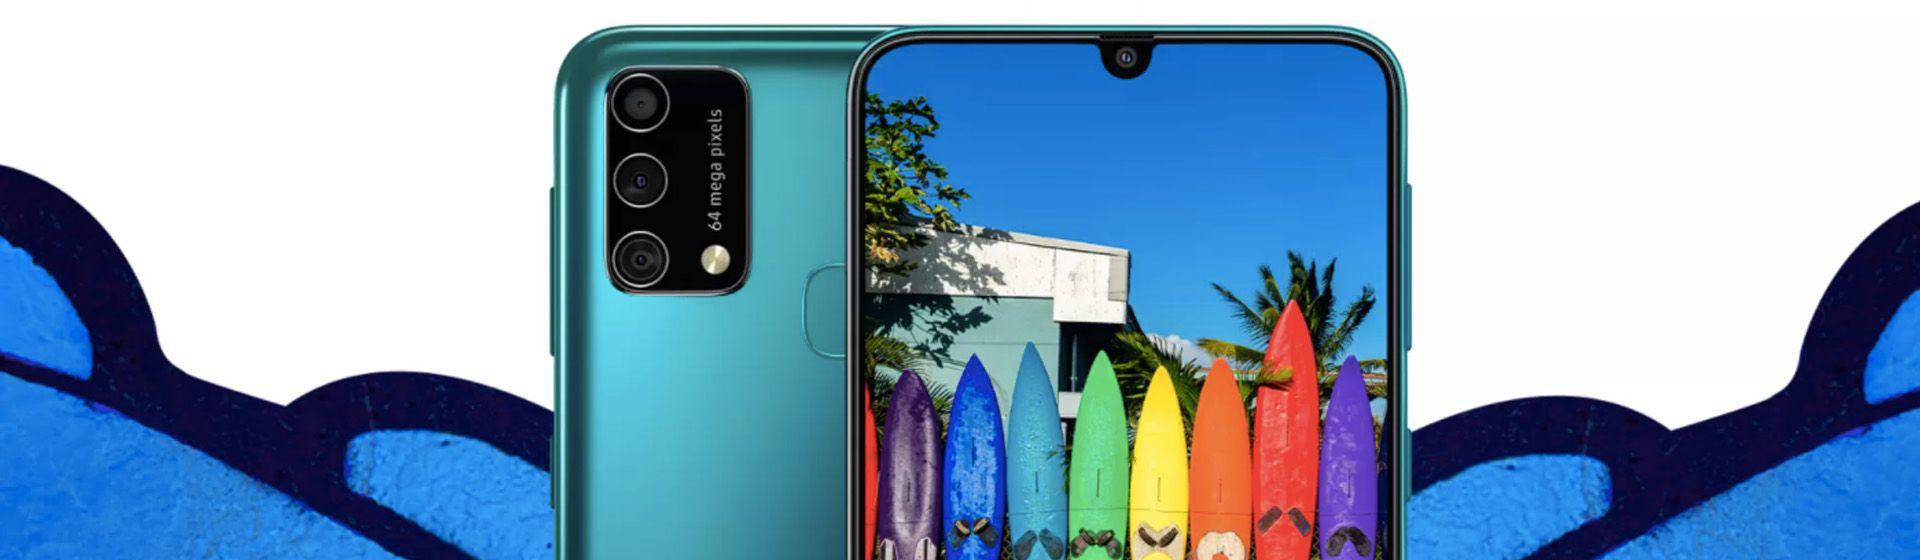 Rumores indicam que a Samsung já está produzindo o Galaxy F62